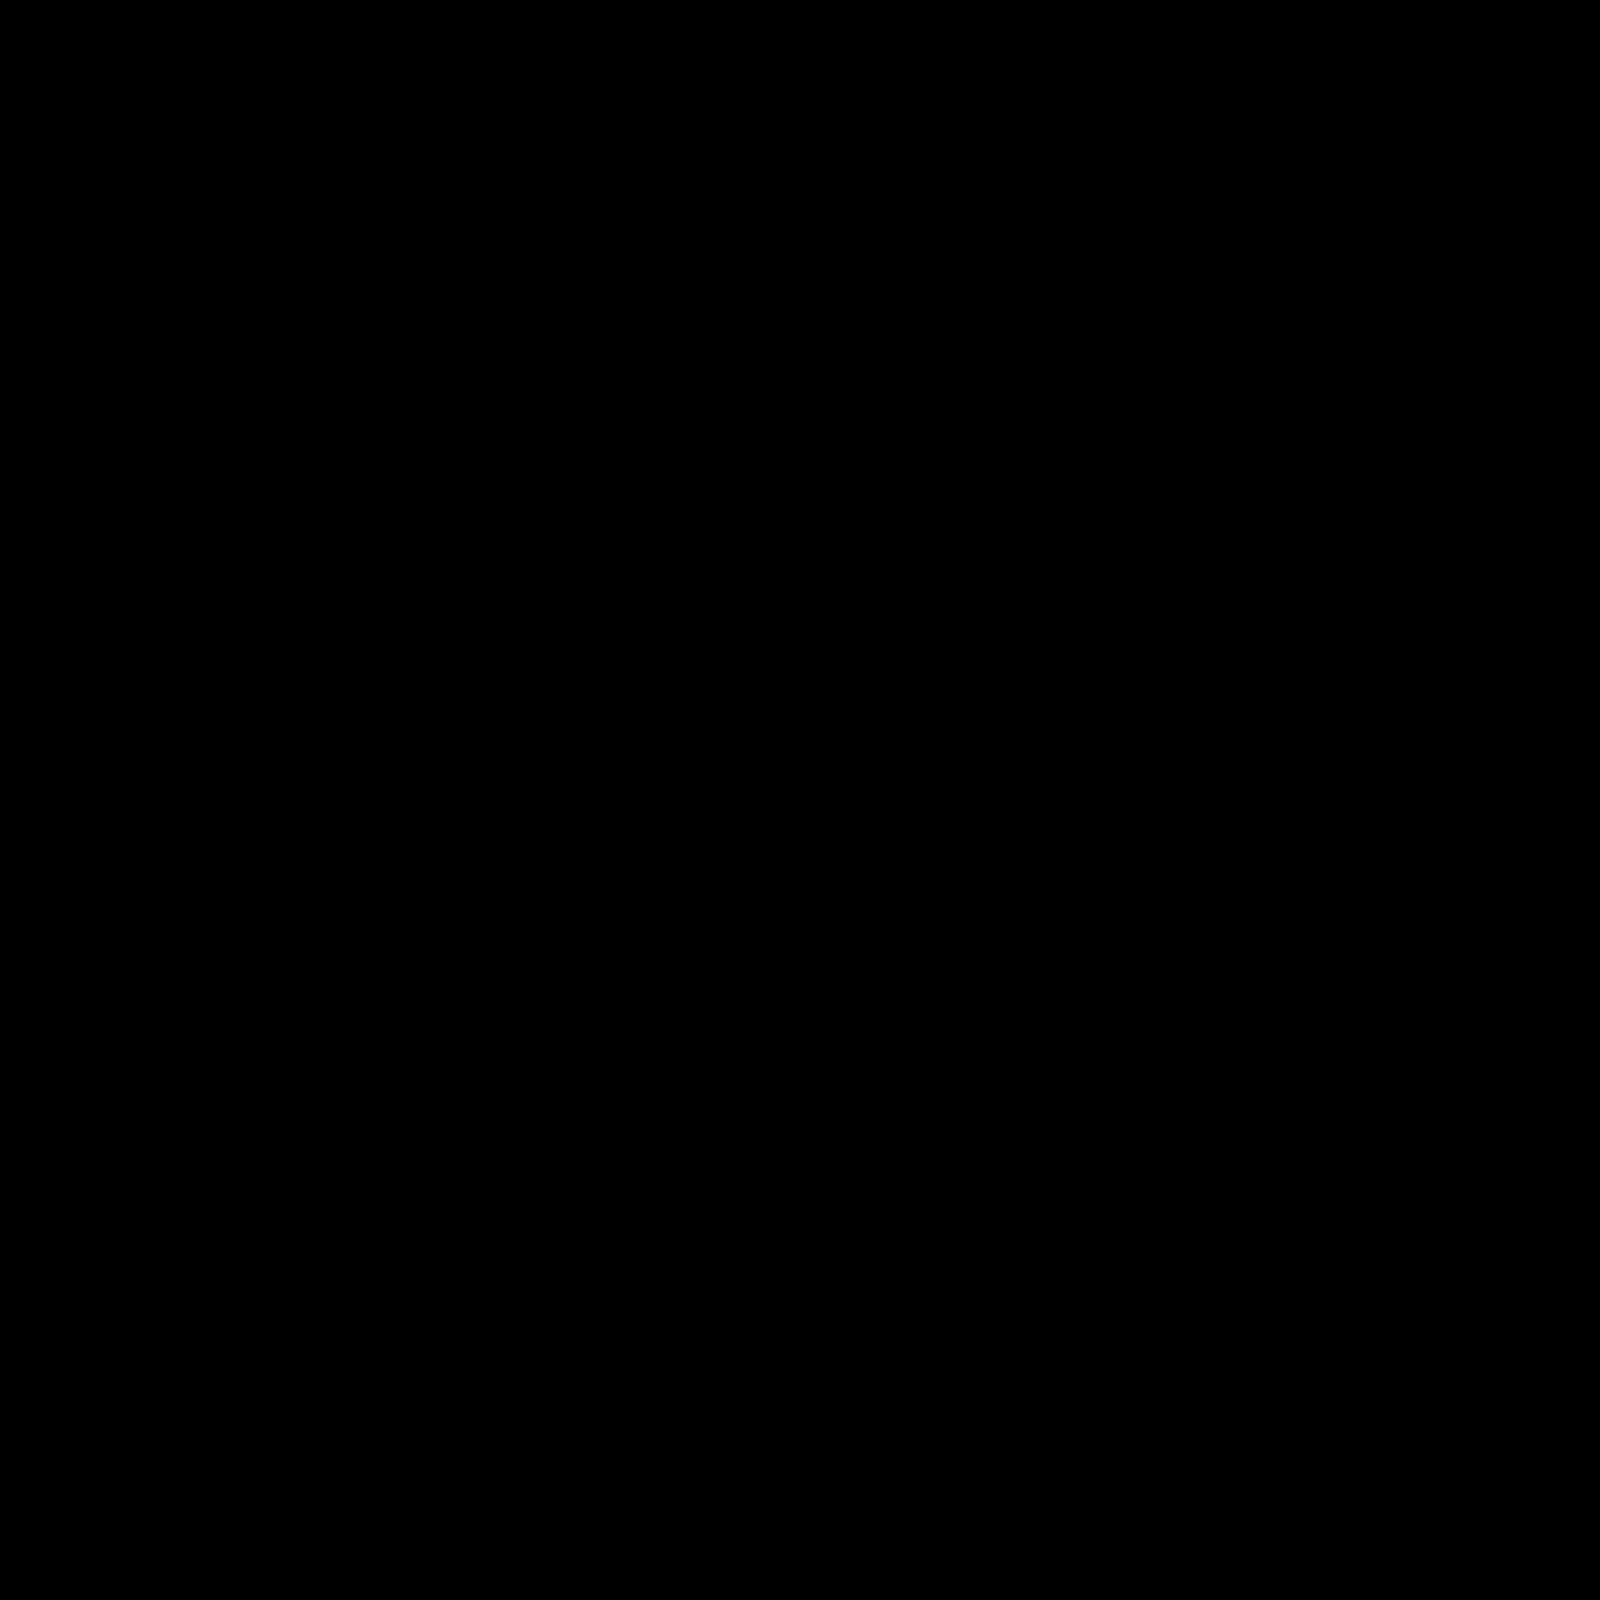 Progressive Rock Filled icon